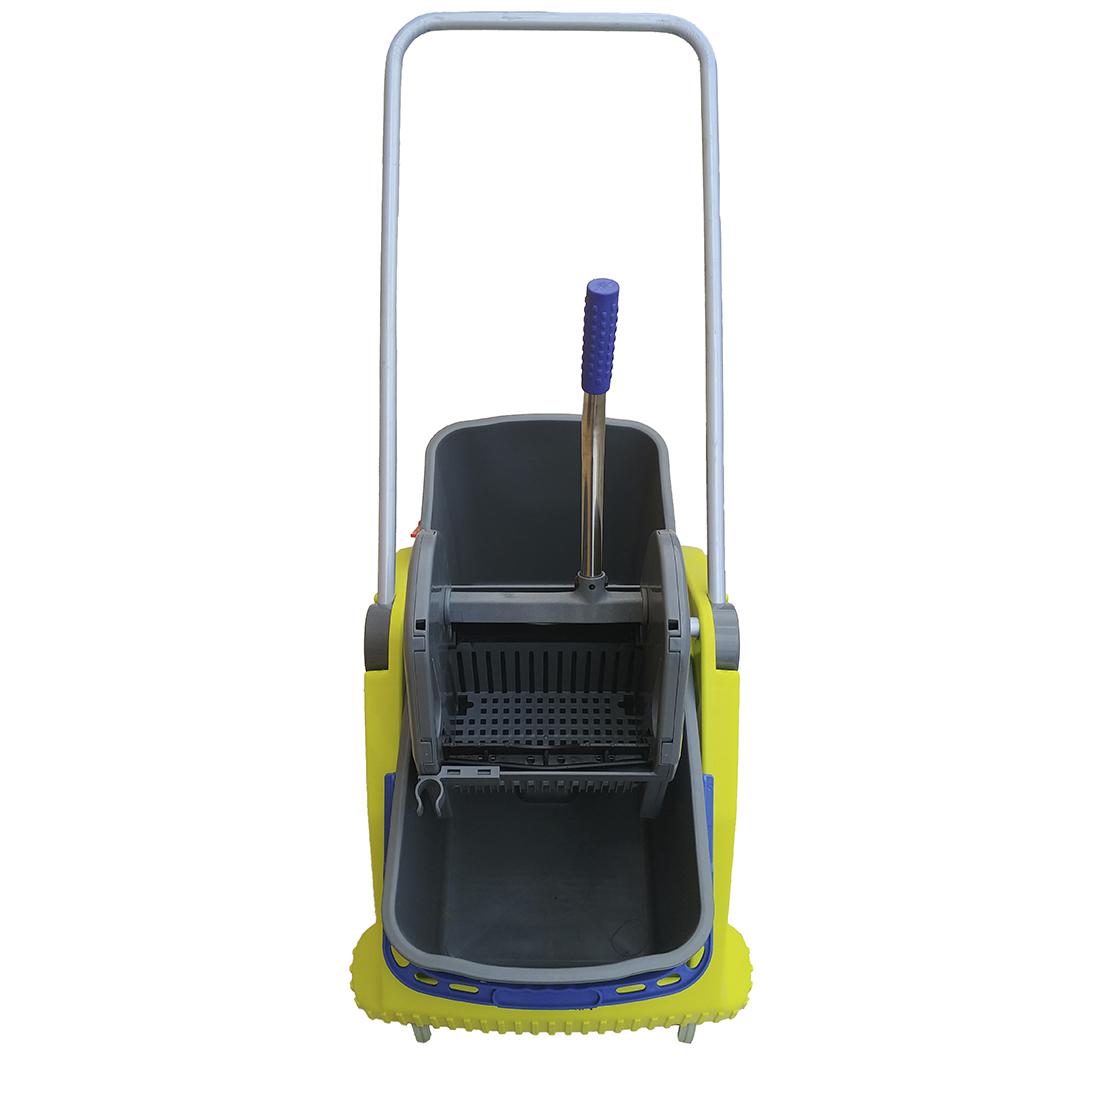 Carrello per pulizie Lux Lavapavimenti Professionale (con Doppia vasca da 25Litri e strizzatore)